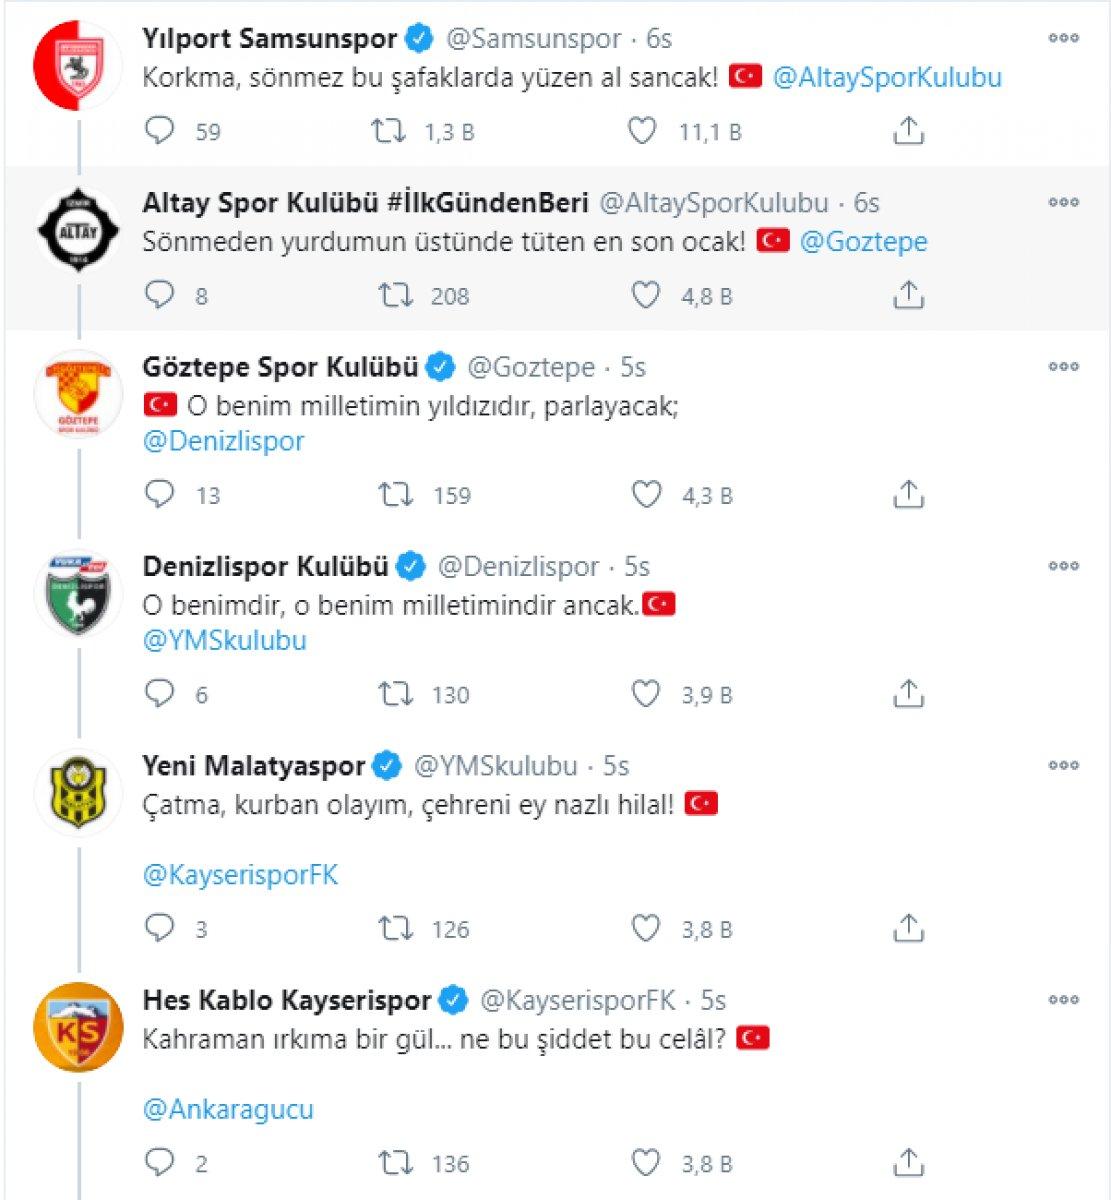 Kulüplerin İstiklal Marşı paylaşımları büyük beğeni topladı #1